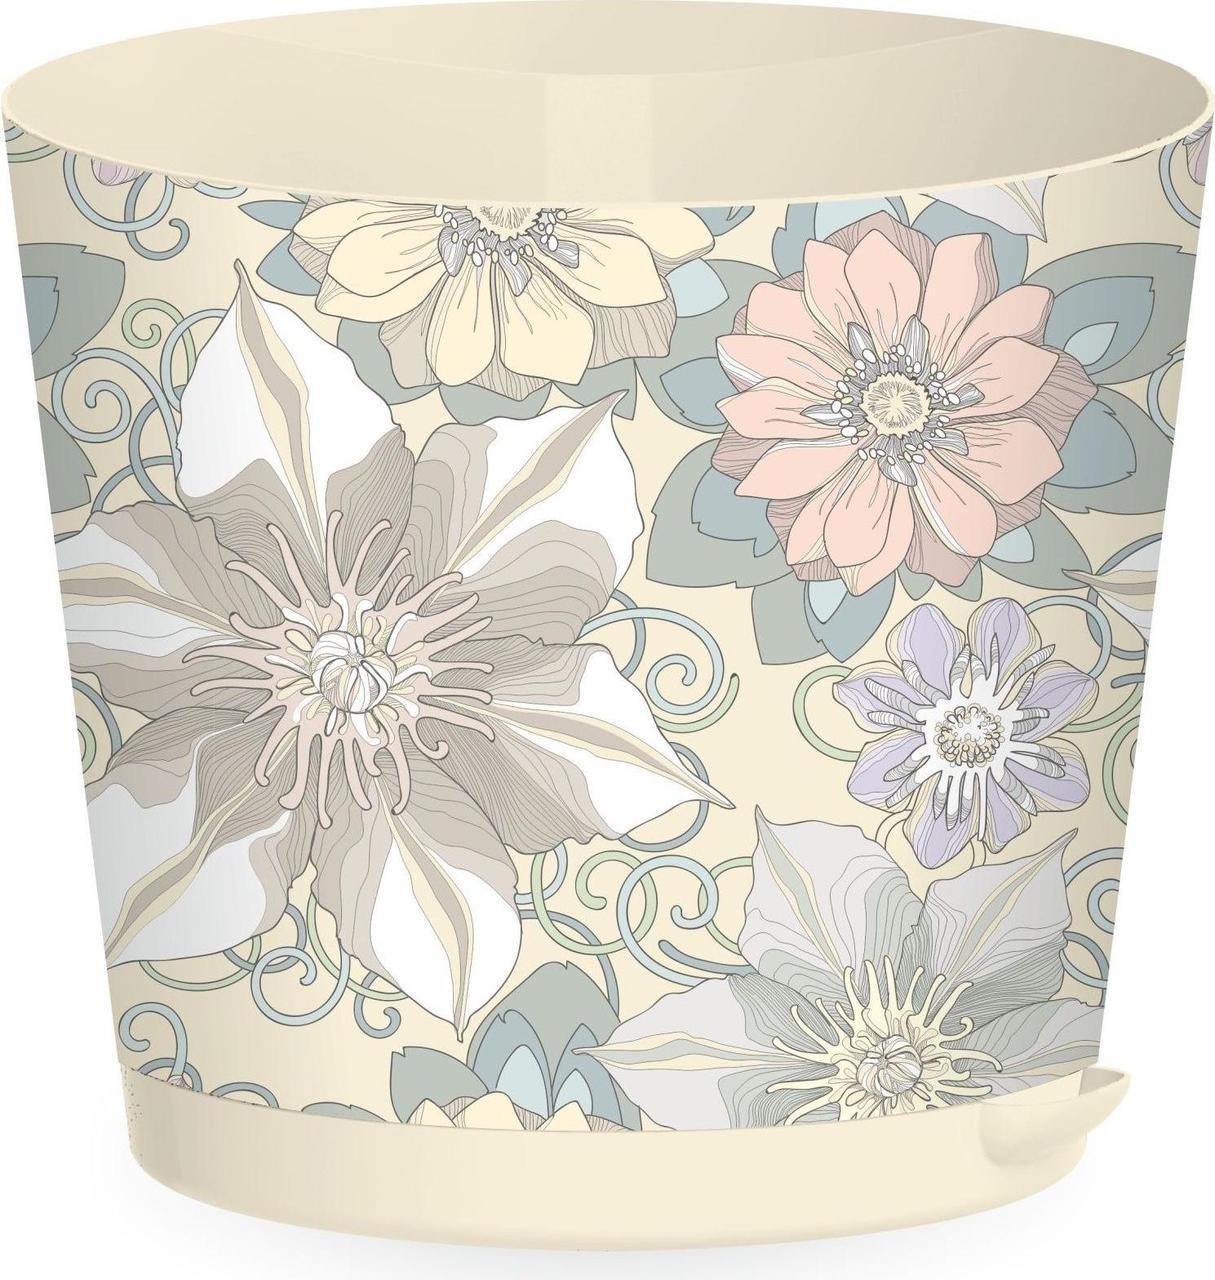 Горшок для цветов Easy Grow D 160 с прикорневым поливом 2 л Цветочный дом